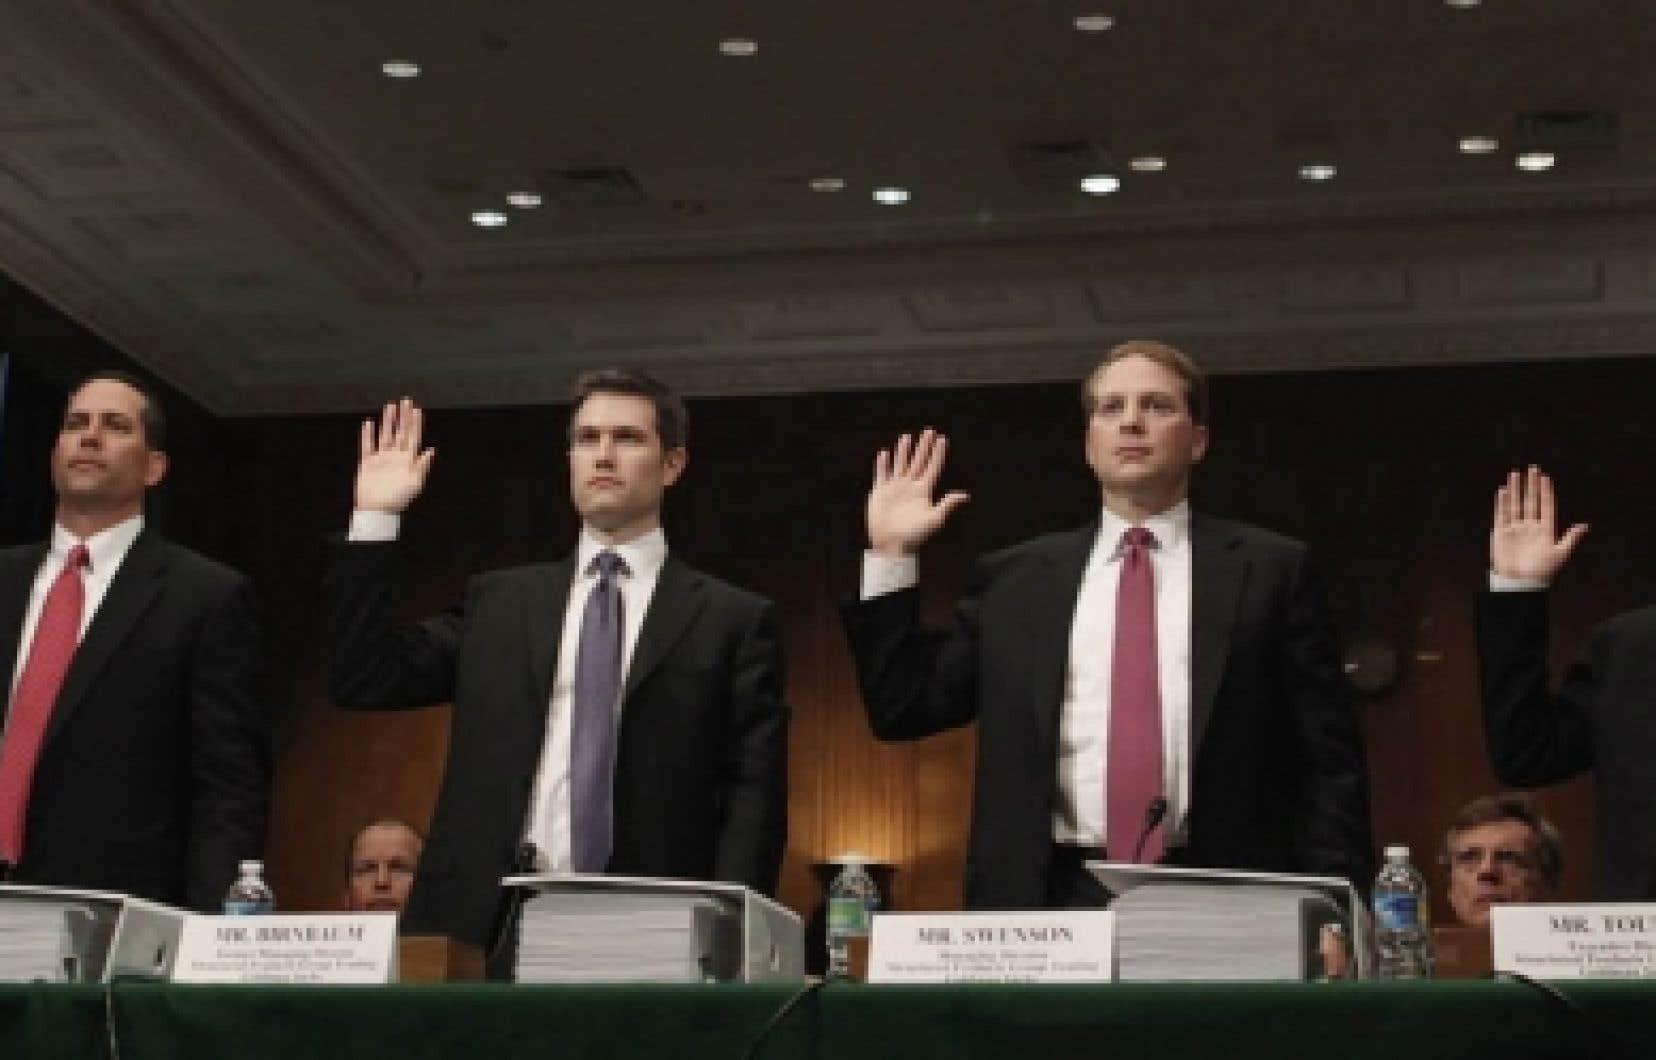 Daniel Sparks, Joshua Birnbaum, Michael Swenson, et Fabrice Tourre, membres de la direction de Goldman Sachs, ont essuyé répondu aux questions insistantes des sénateurs américains.